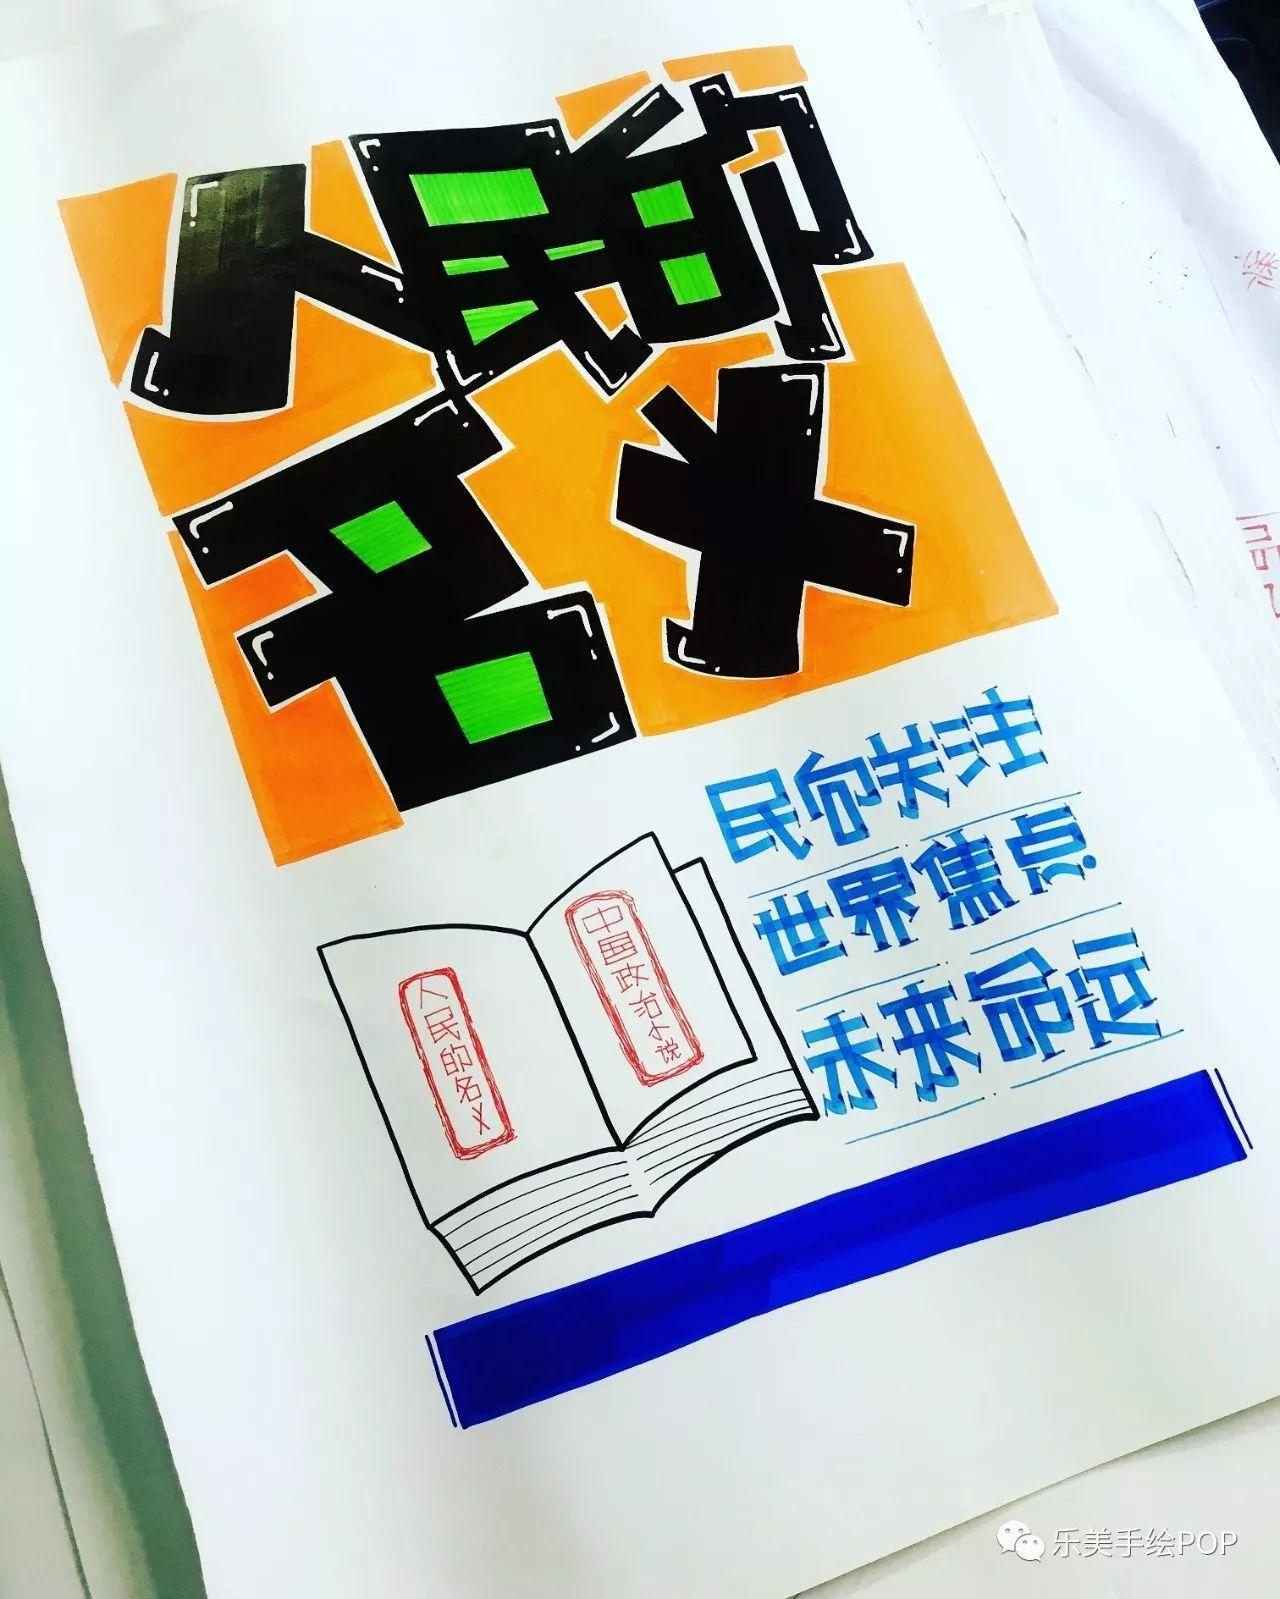 【年度复盘图书行业pop海报】书店pop海报